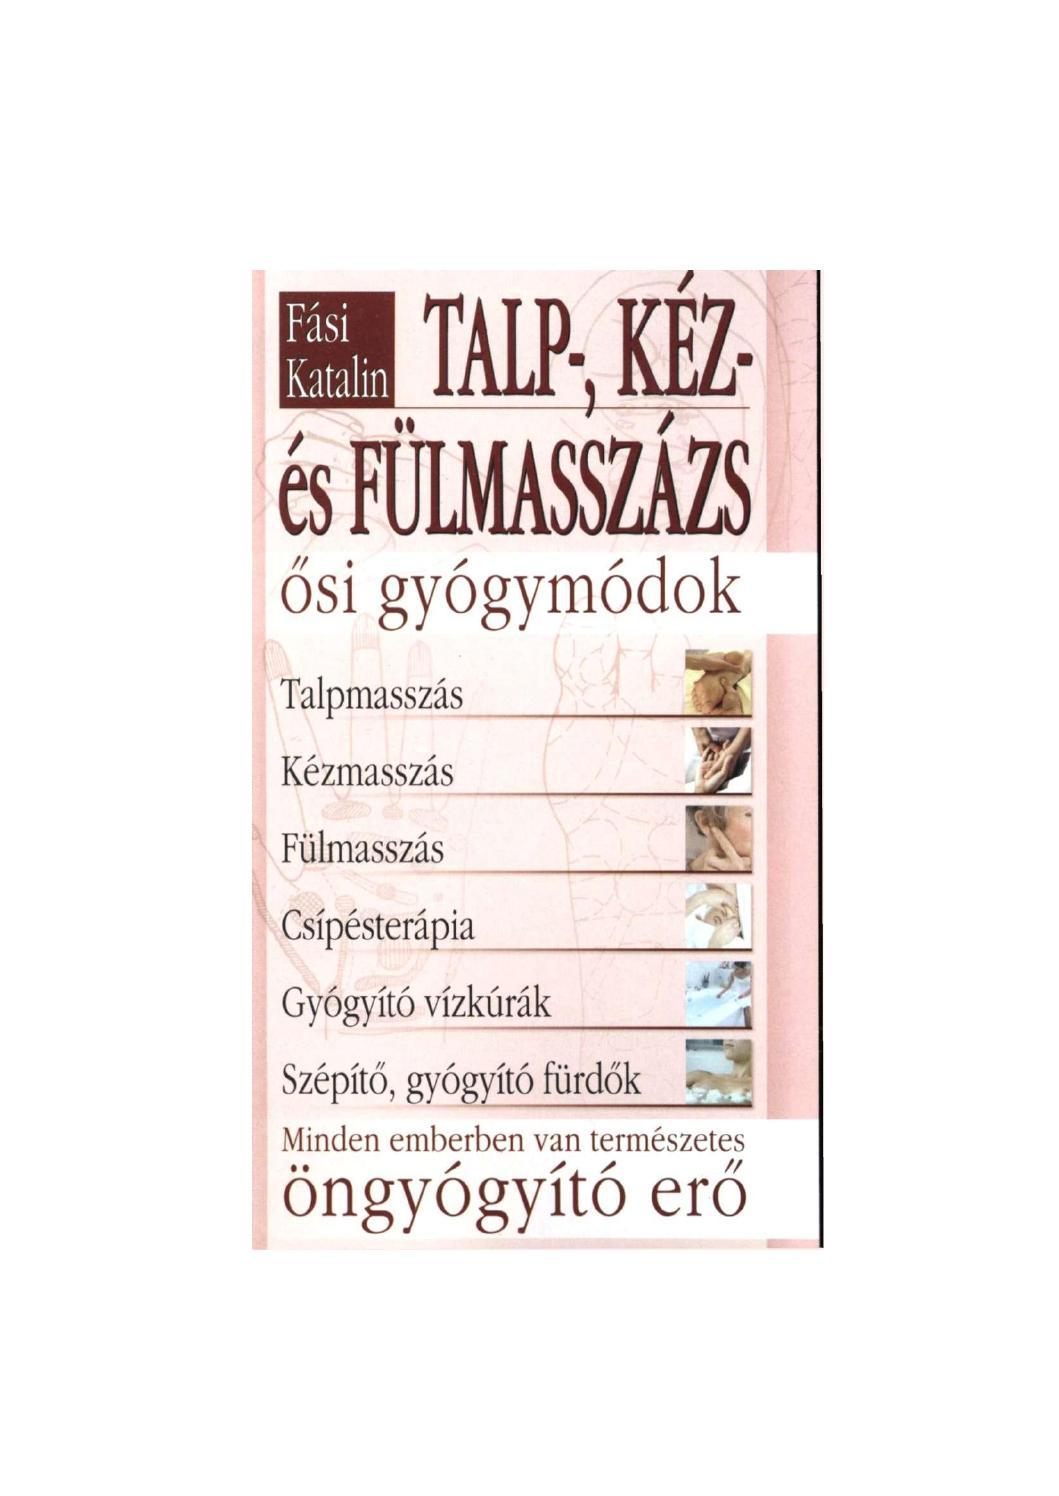 László Gyula Árpád némotorion.hu